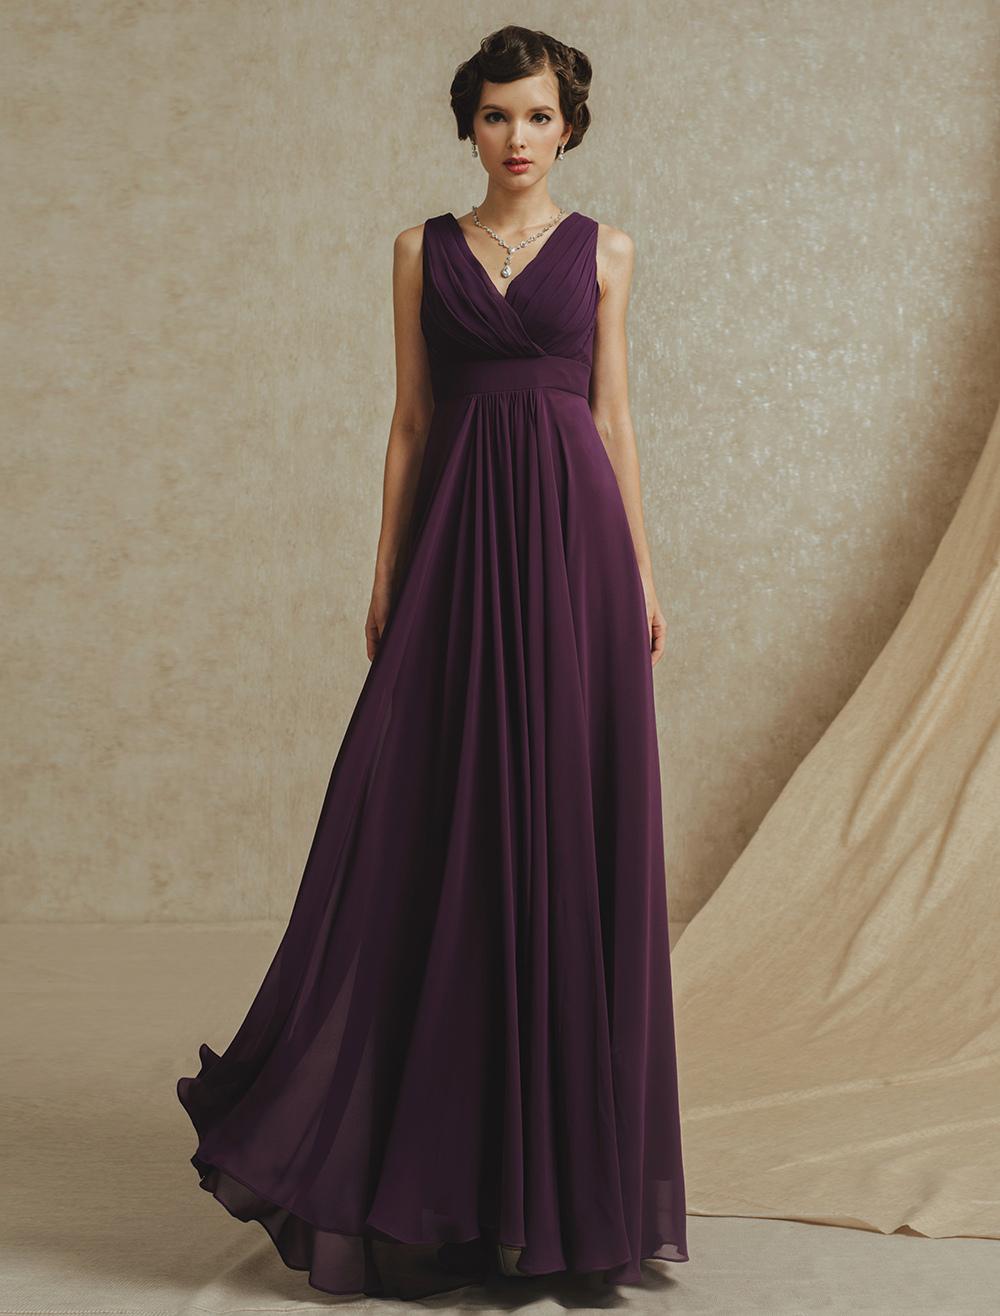 robe demoiselle d 39 honneur violette fonc e col v. Black Bedroom Furniture Sets. Home Design Ideas